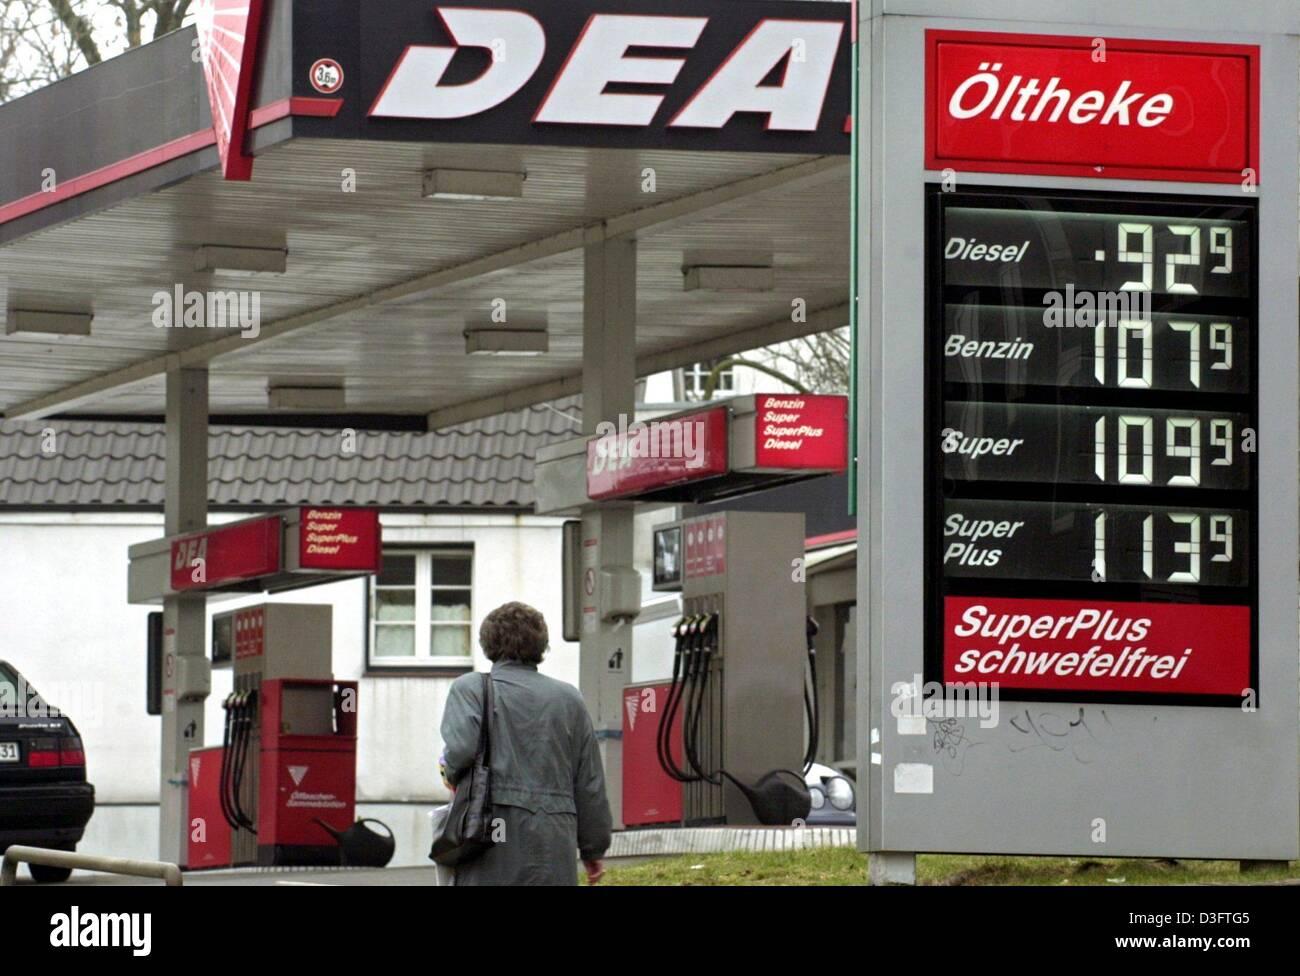 dpa ein passant geht vorbei an einer dea tankstelle in hamburg 5 m rz 2003 der benzin. Black Bedroom Furniture Sets. Home Design Ideas